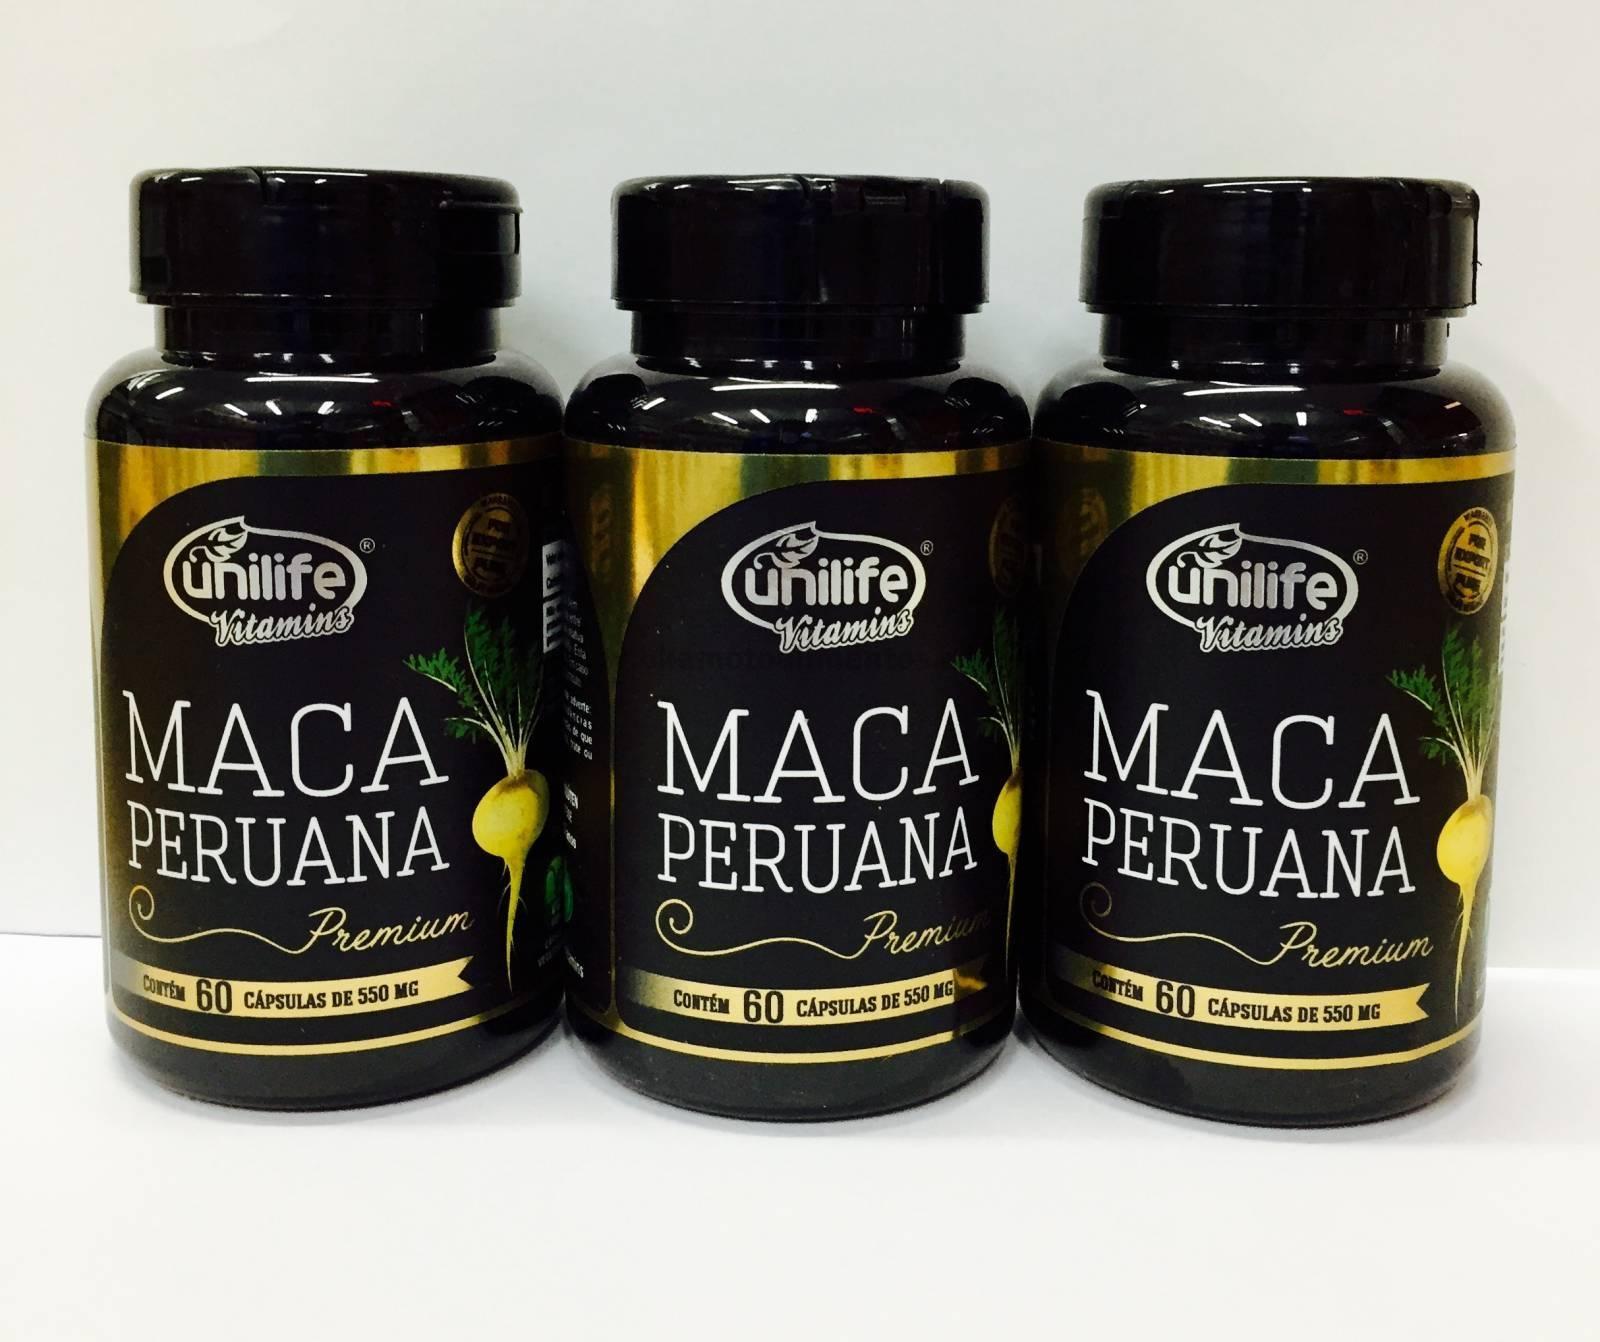 3 potes de Maca Peruana Premium Unilife 100% Pura - 60 cápsu